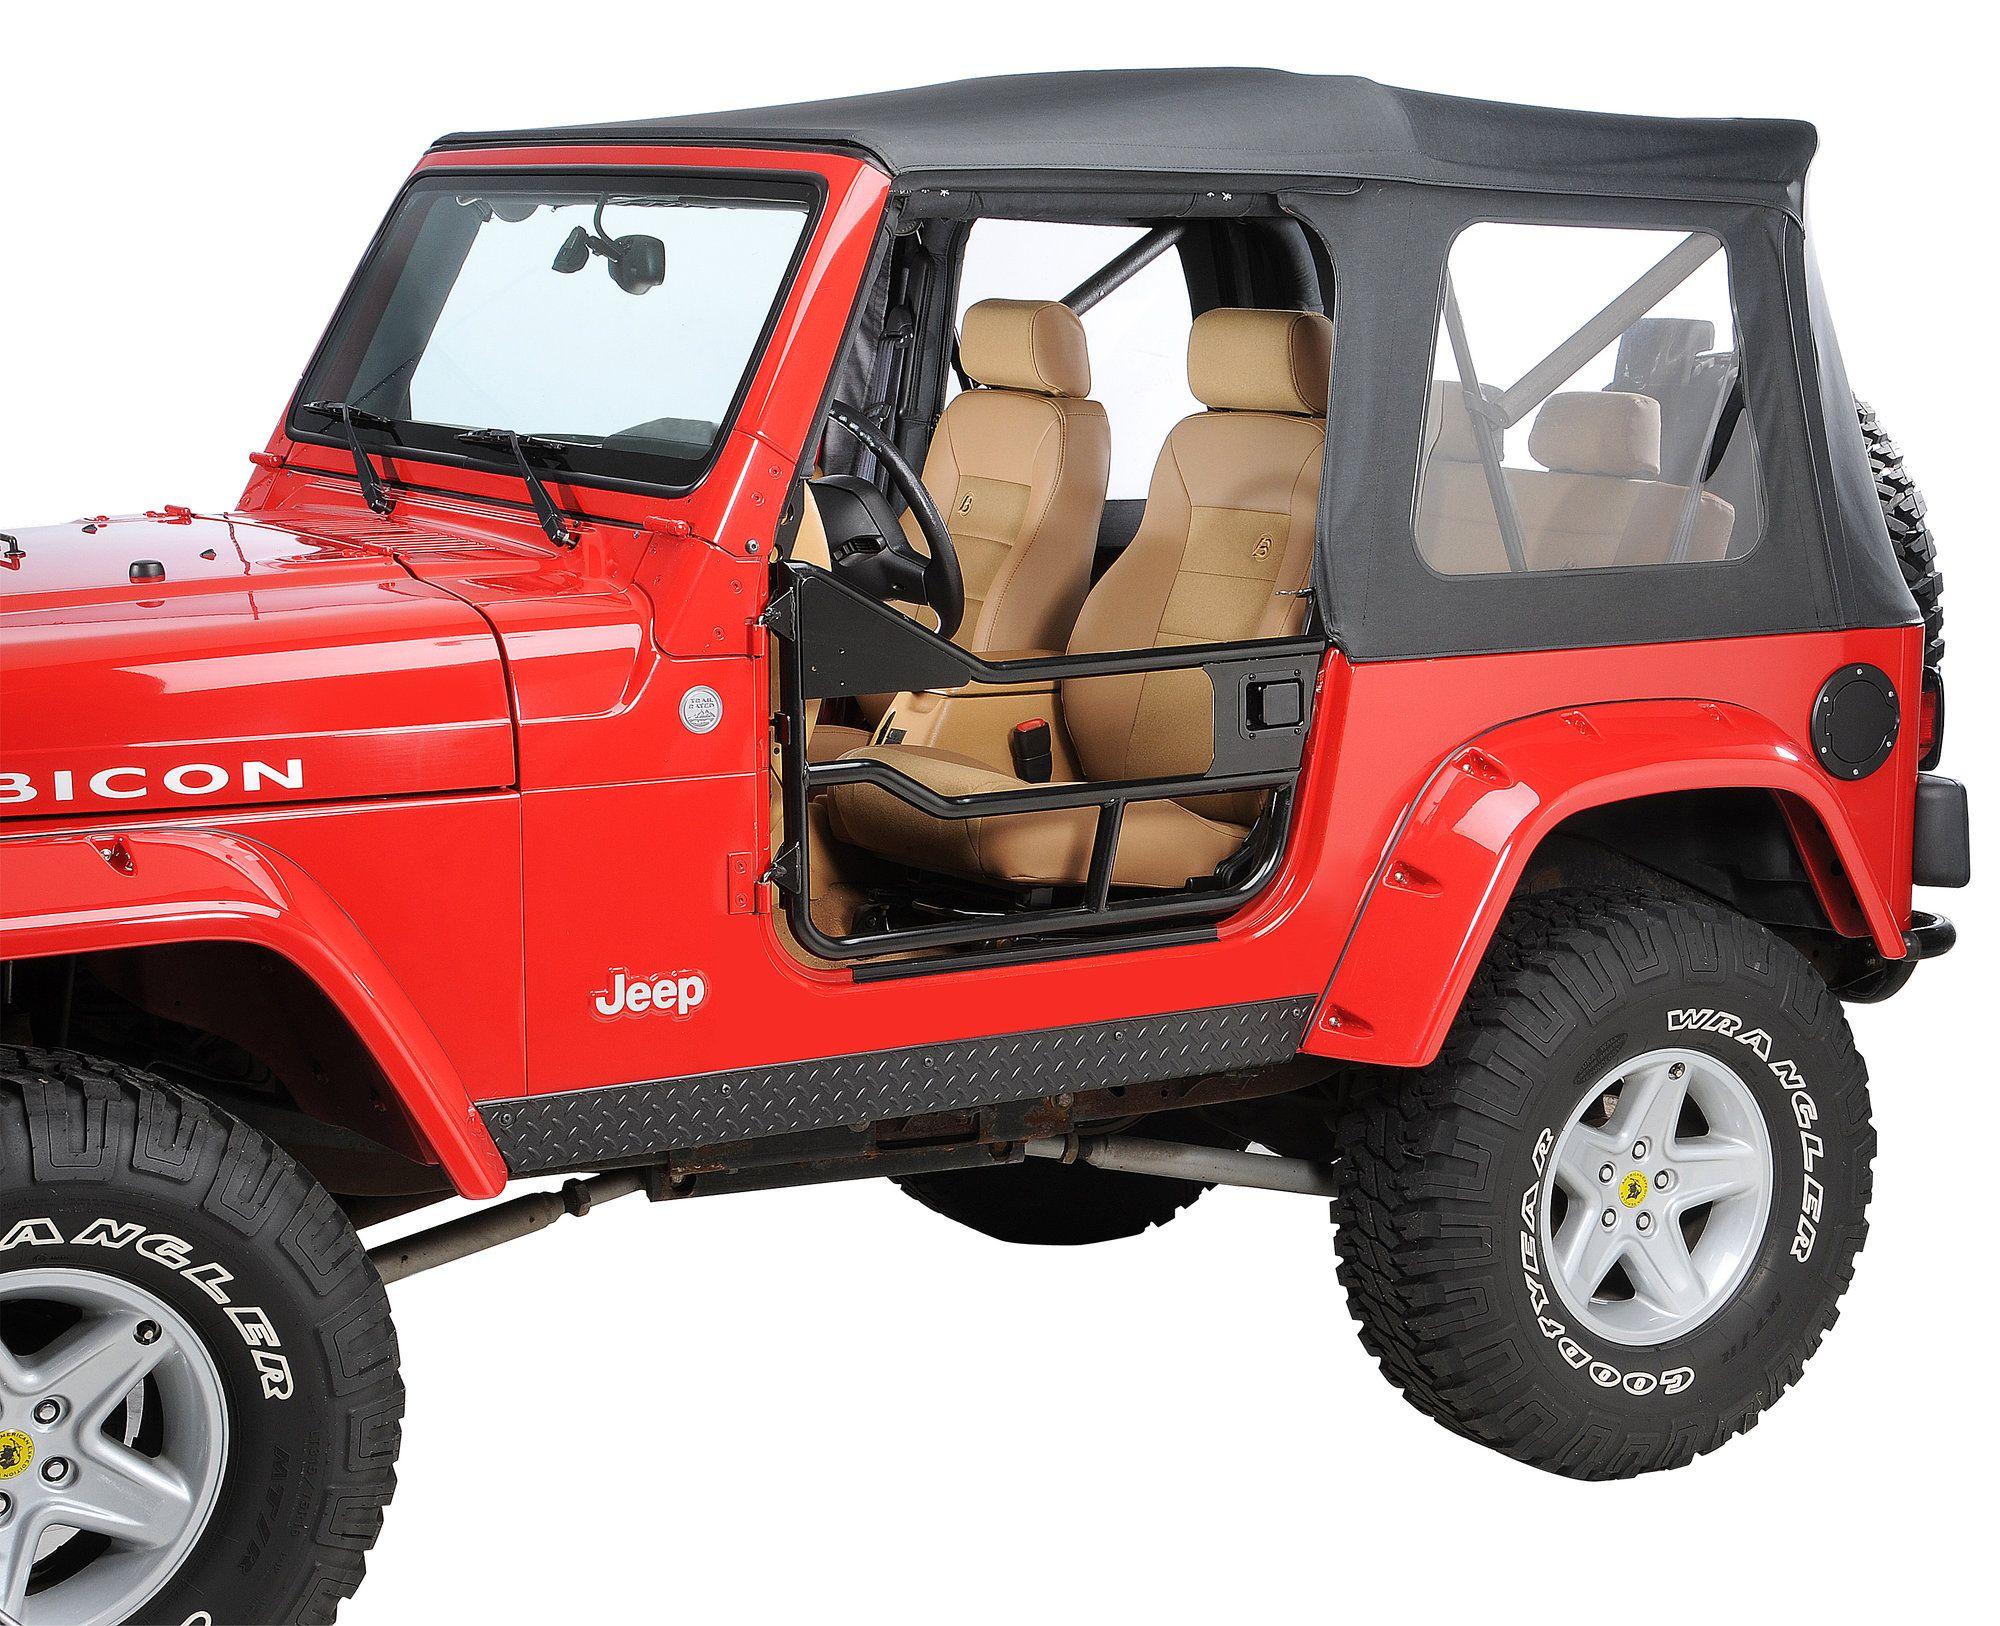 Bestop Highrock 4x4 Element Doors For 97 06 Jeep Wrangler Tj Unlimited In 2020 Jeep Jeep Wrangler Jeep Wrangler Tj